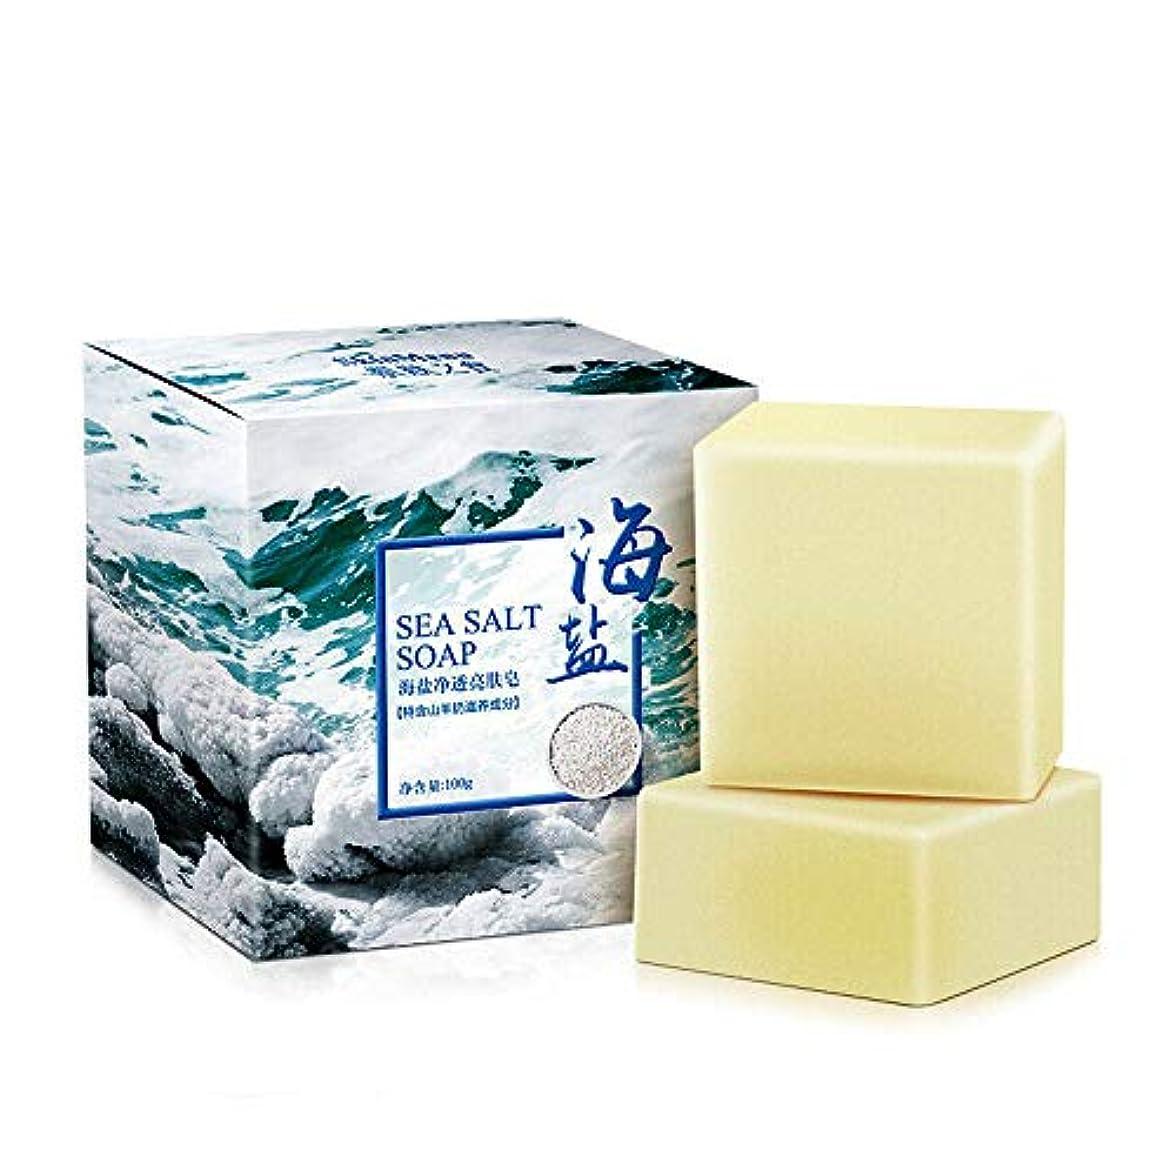 超越する帰するスツールせっけん 石鹸 海塩 山羊乳 洗顔 ボディ用 浴用せっけん しっとり肌 植物性 無添加 白い 100g×1個入 (#2)